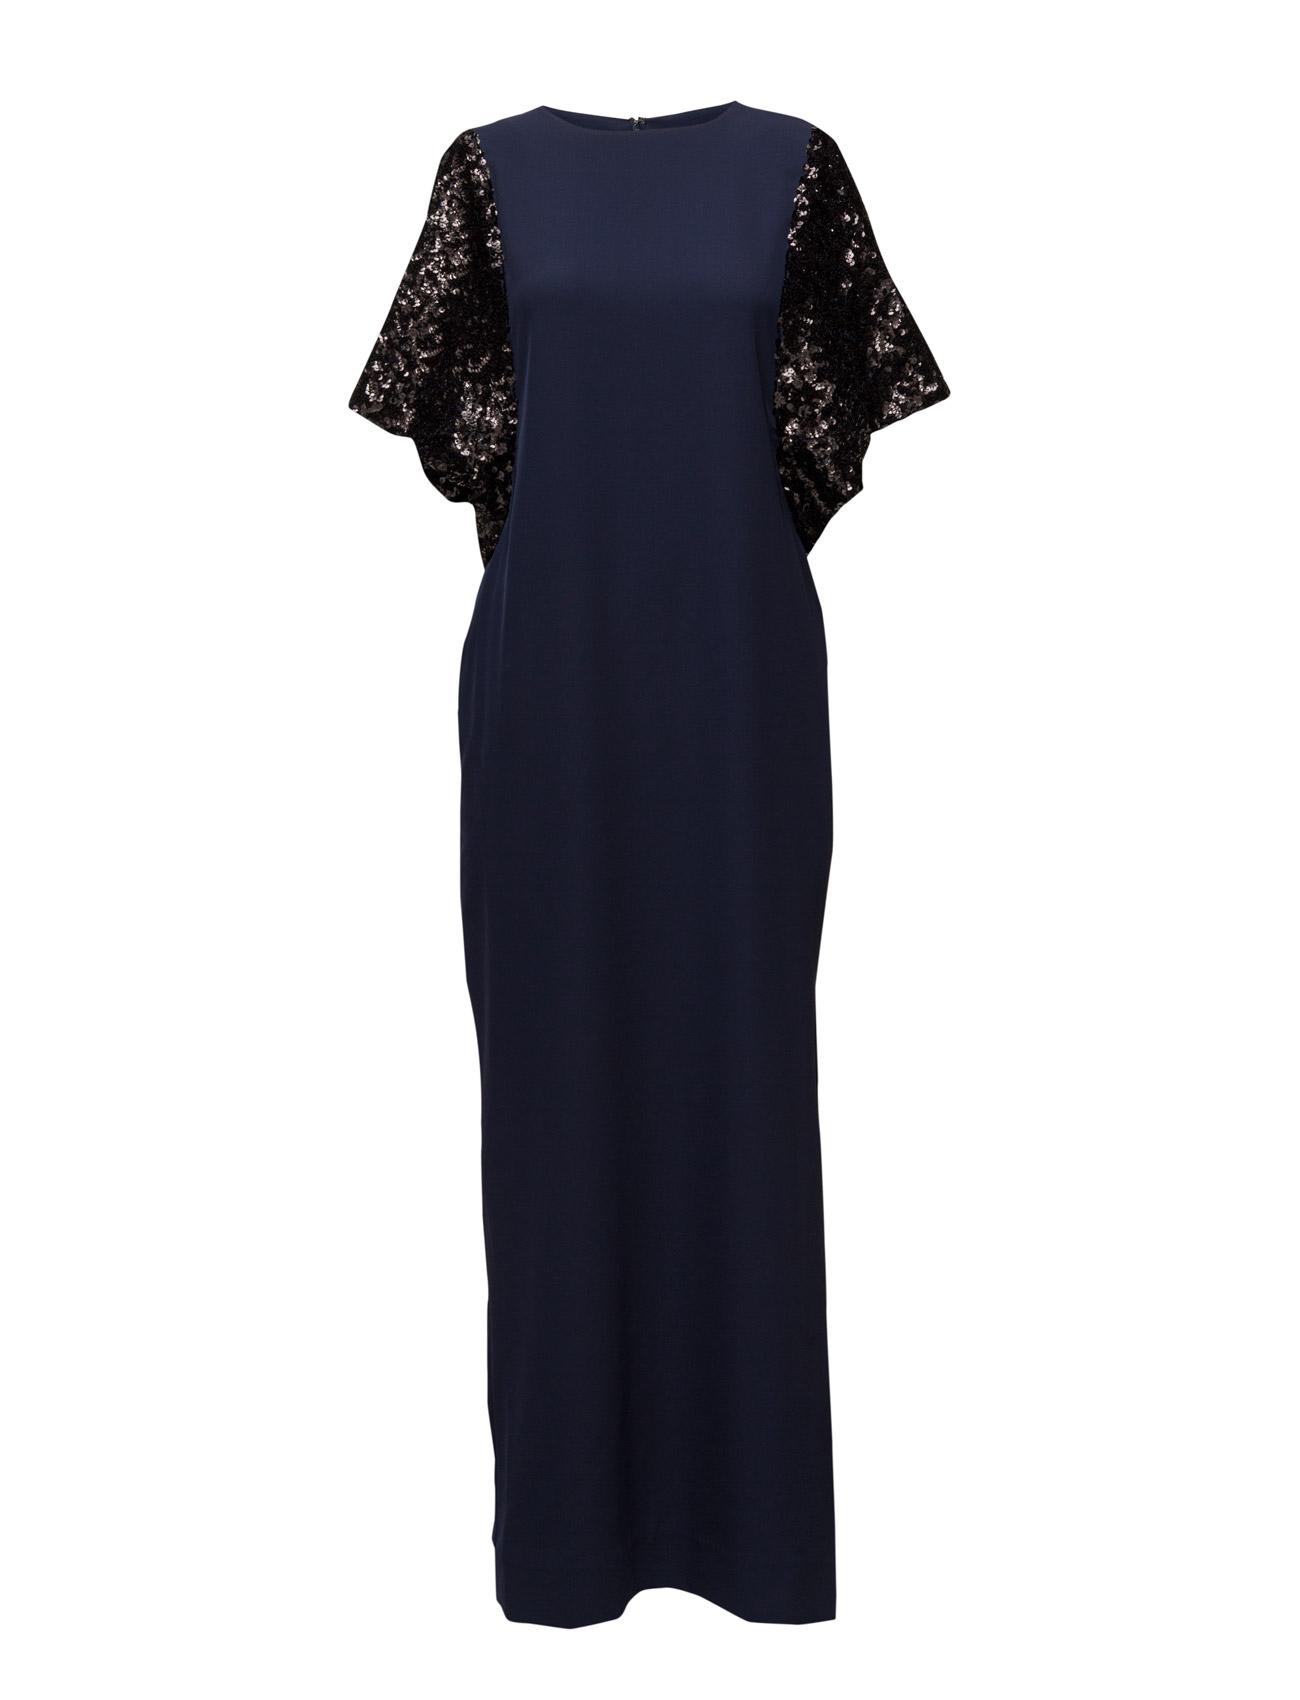 malene birger kjole glimmer, by malene birger sort skinn